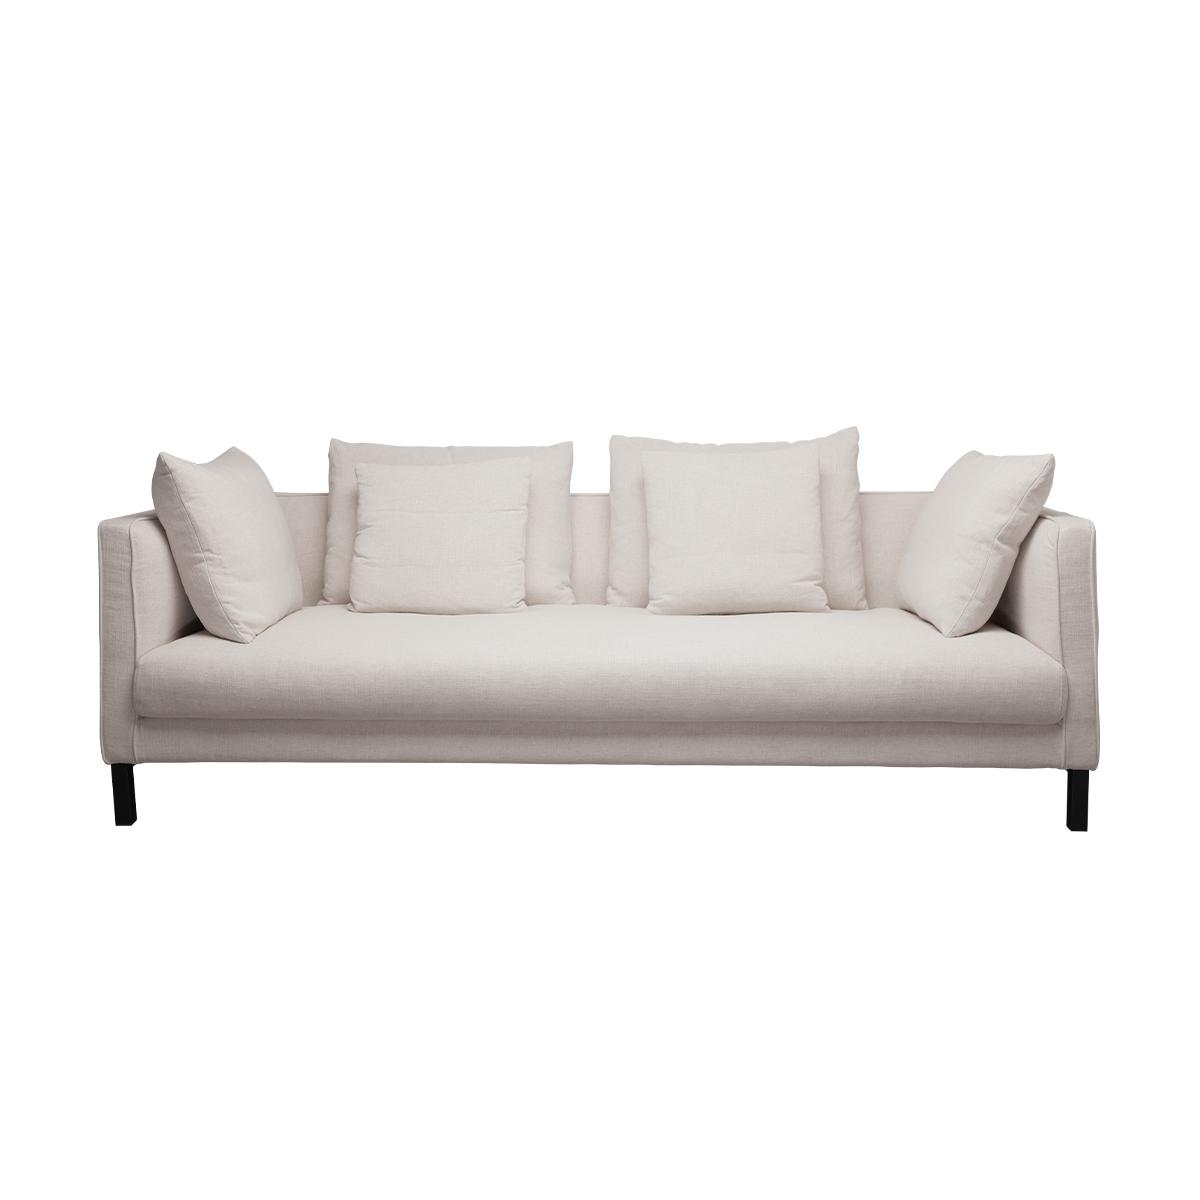 Mercer Sofa – Antique White Linen